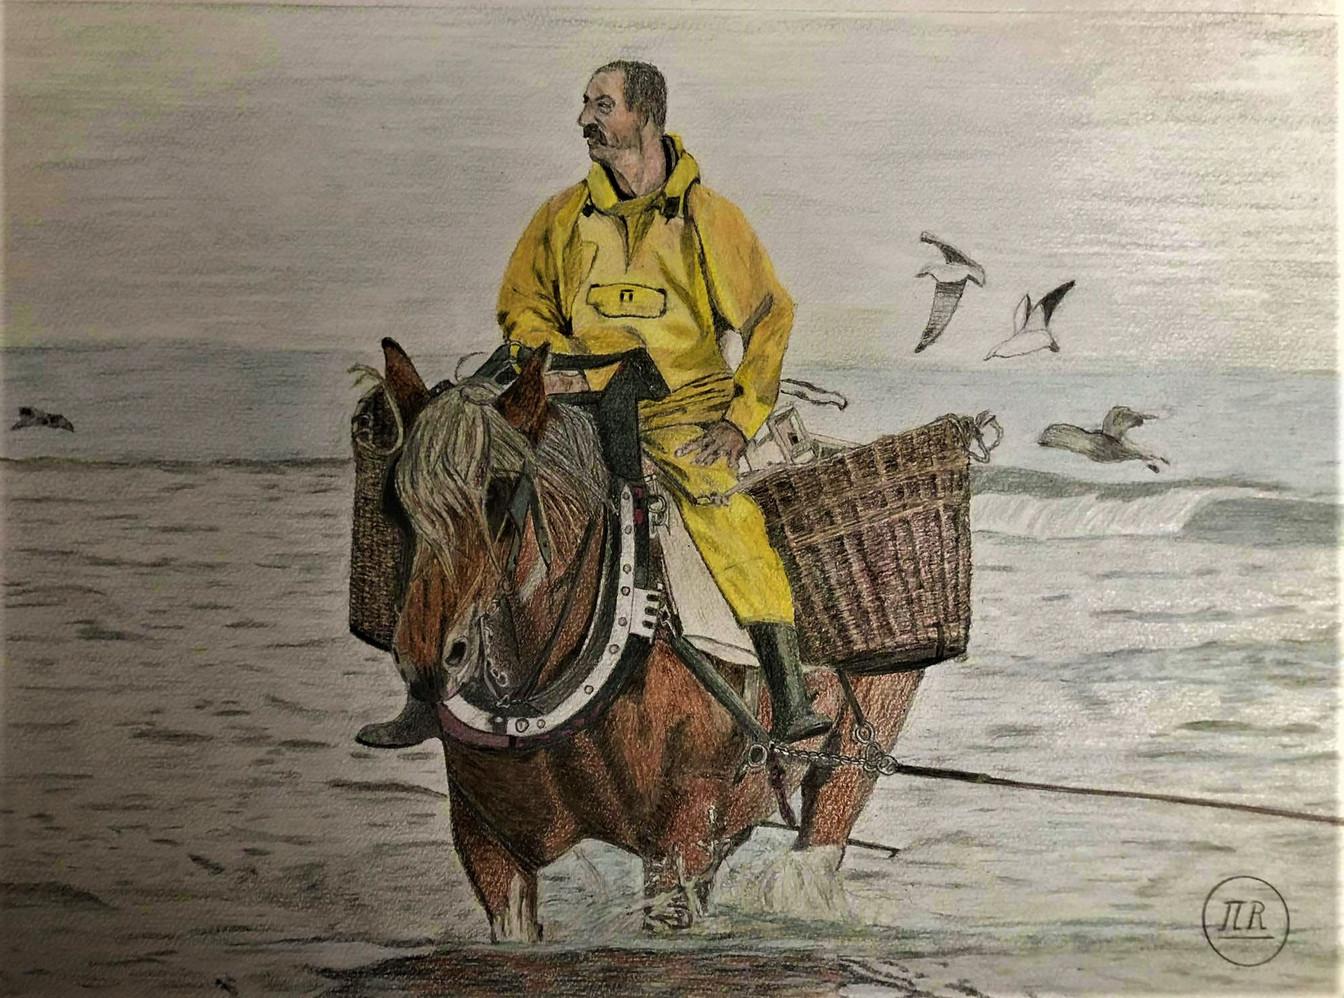 Pêche aux crevettes en mer du nord.